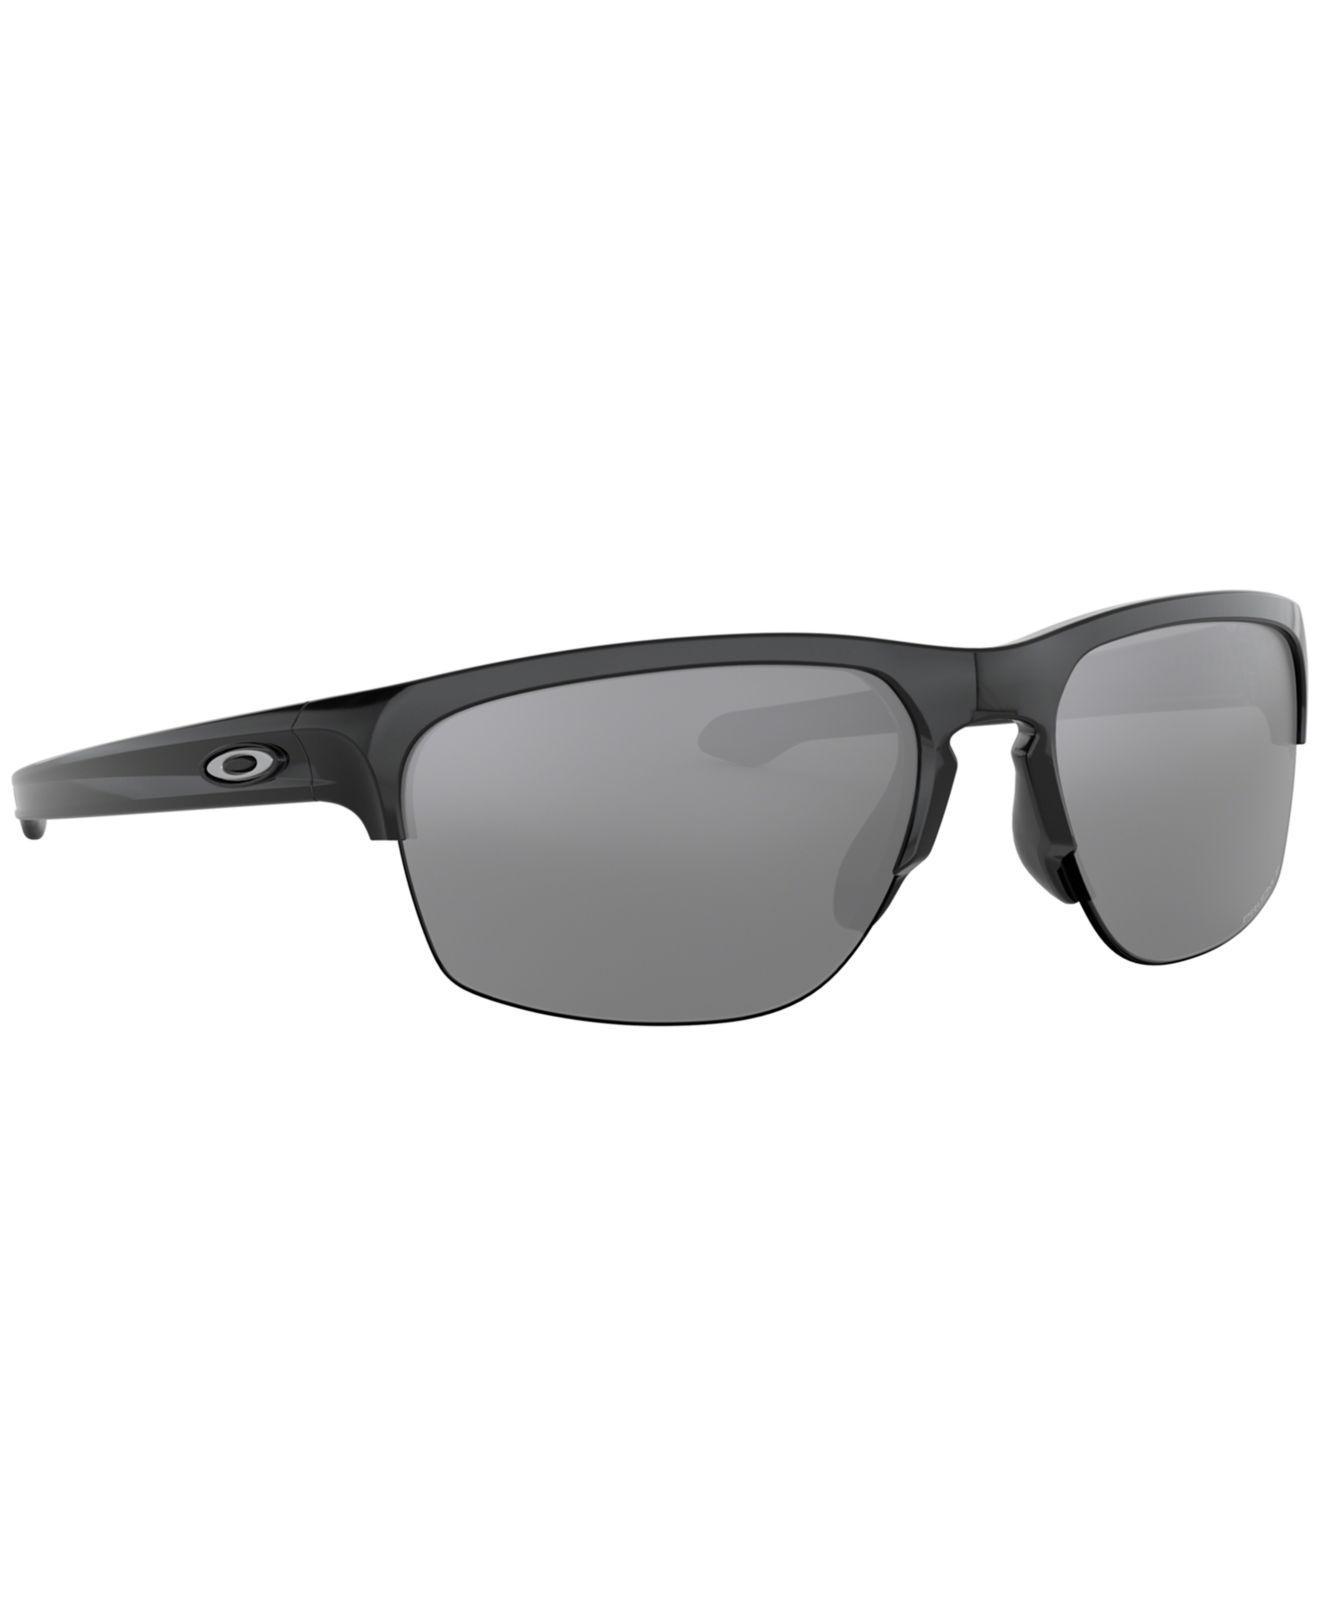 82d3ae6580f Oakley - Multicolor Sliver Edge Sunglasses